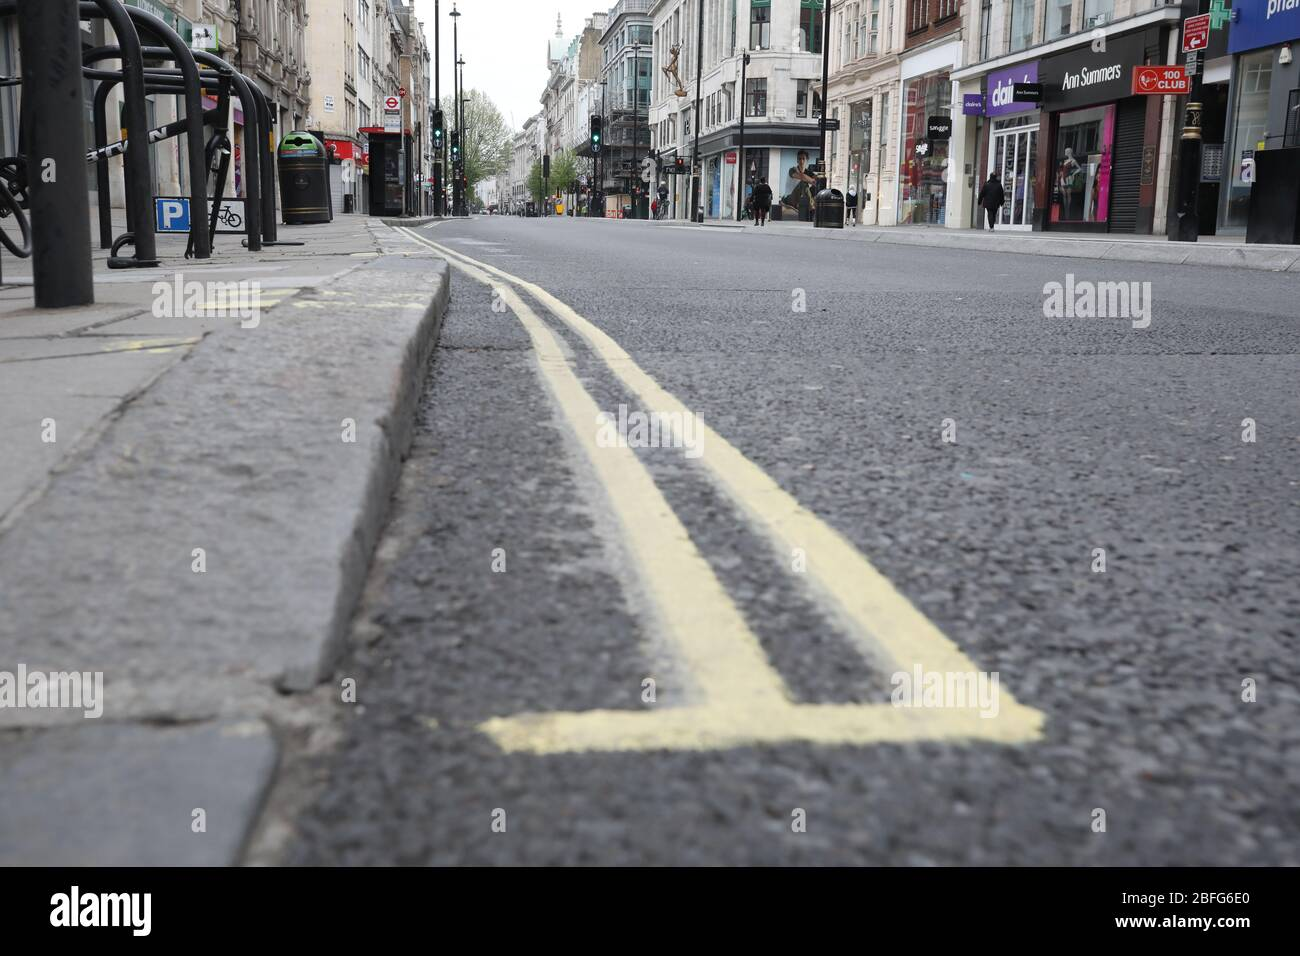 Londres, Reino Unido. 18 de abril de 2020. Día veintiséis de Lockdown en Londres. Una calle Oxford casi desierta, ya que el país está en encierro debido a la pandemia del coronavirus COVID-19. No se permite a la gente salir de casa excepto por compras mínimas de alimentos, tratamiento médico, ejercicio - una vez al día, y trabajo esencial. COVID-19 Coronavirus Lockdown, Londres, Reino Unido, el 18 de abril de 2020 crédito: Paul Marriott/Alamy Live News Foto de stock